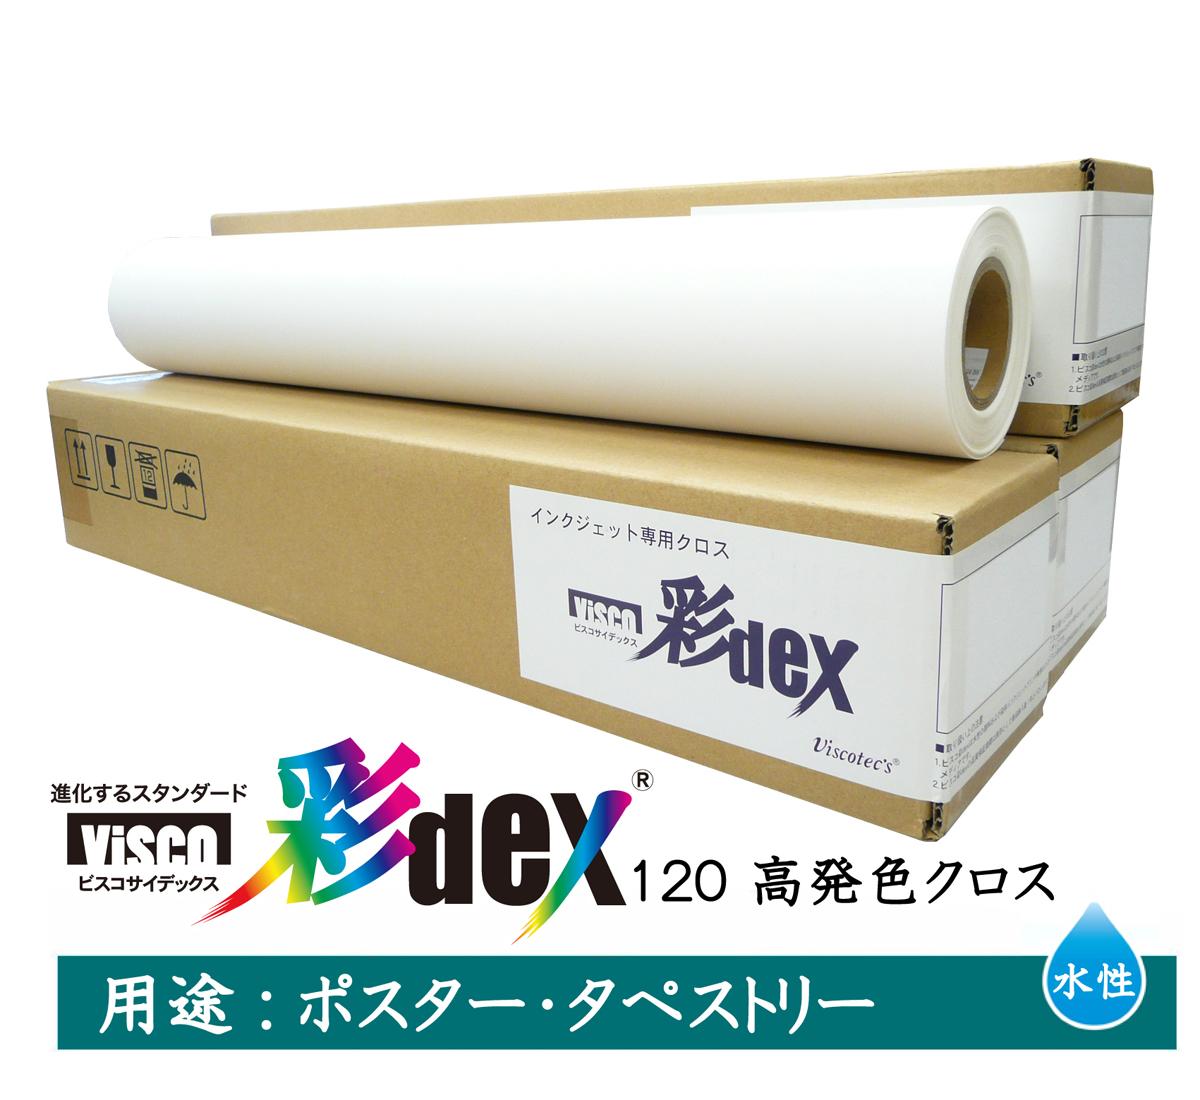 セーレン 水性クロスメディア 彩DEXシリーズ 高発色クロス 914mm×20m 2インチ 彩dex120 [ HS010F/130-0914 ]